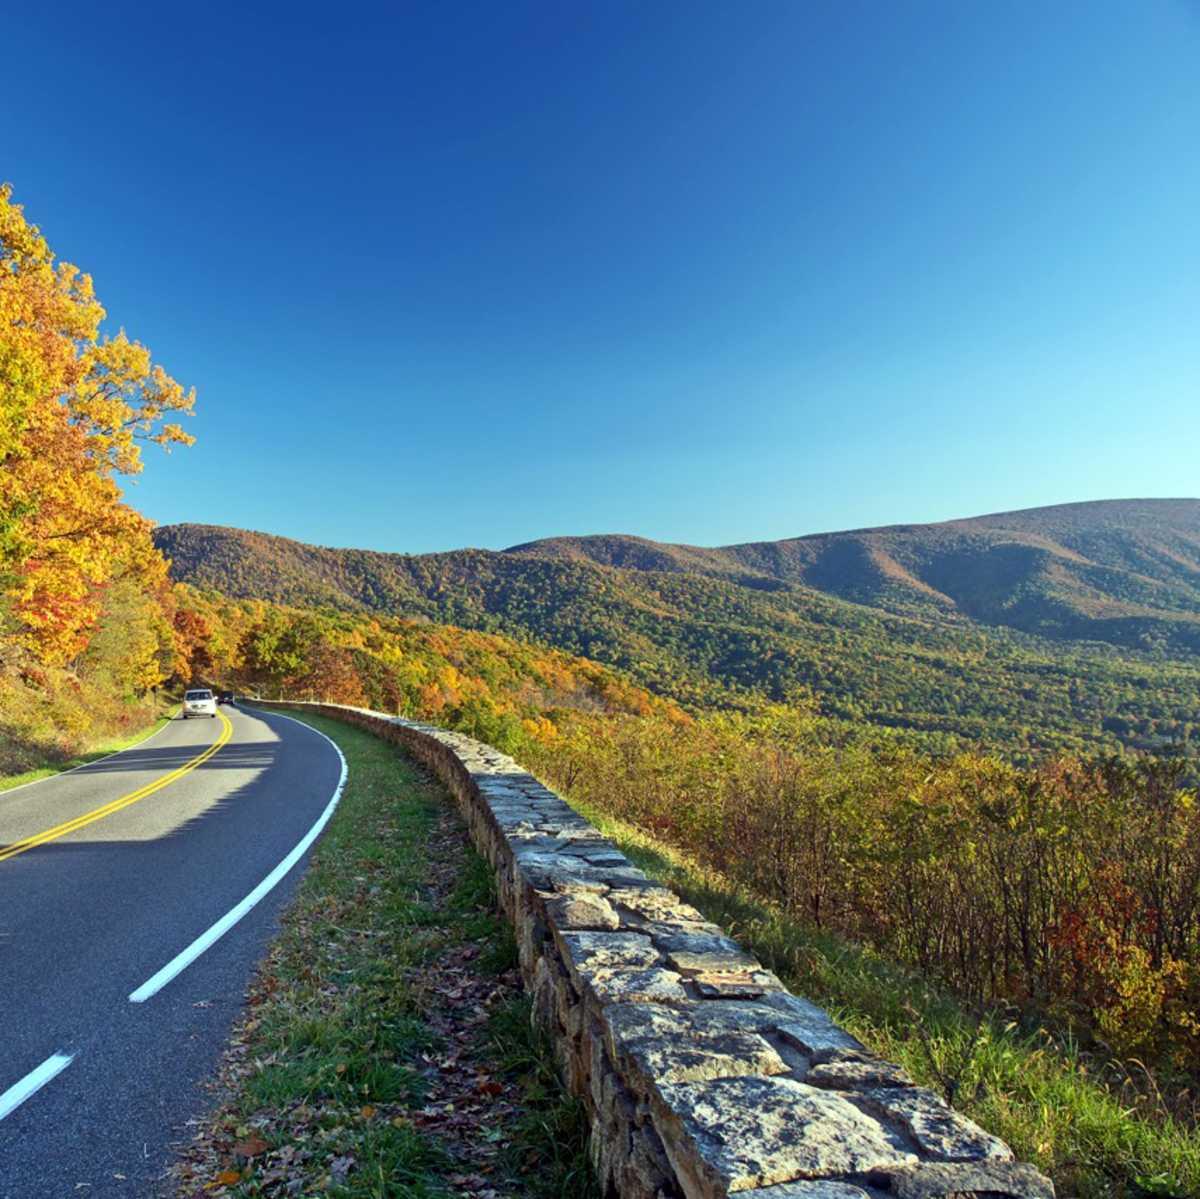 Fahrt durch den herbstlichen Shenandoah Nationalpark, Virginia